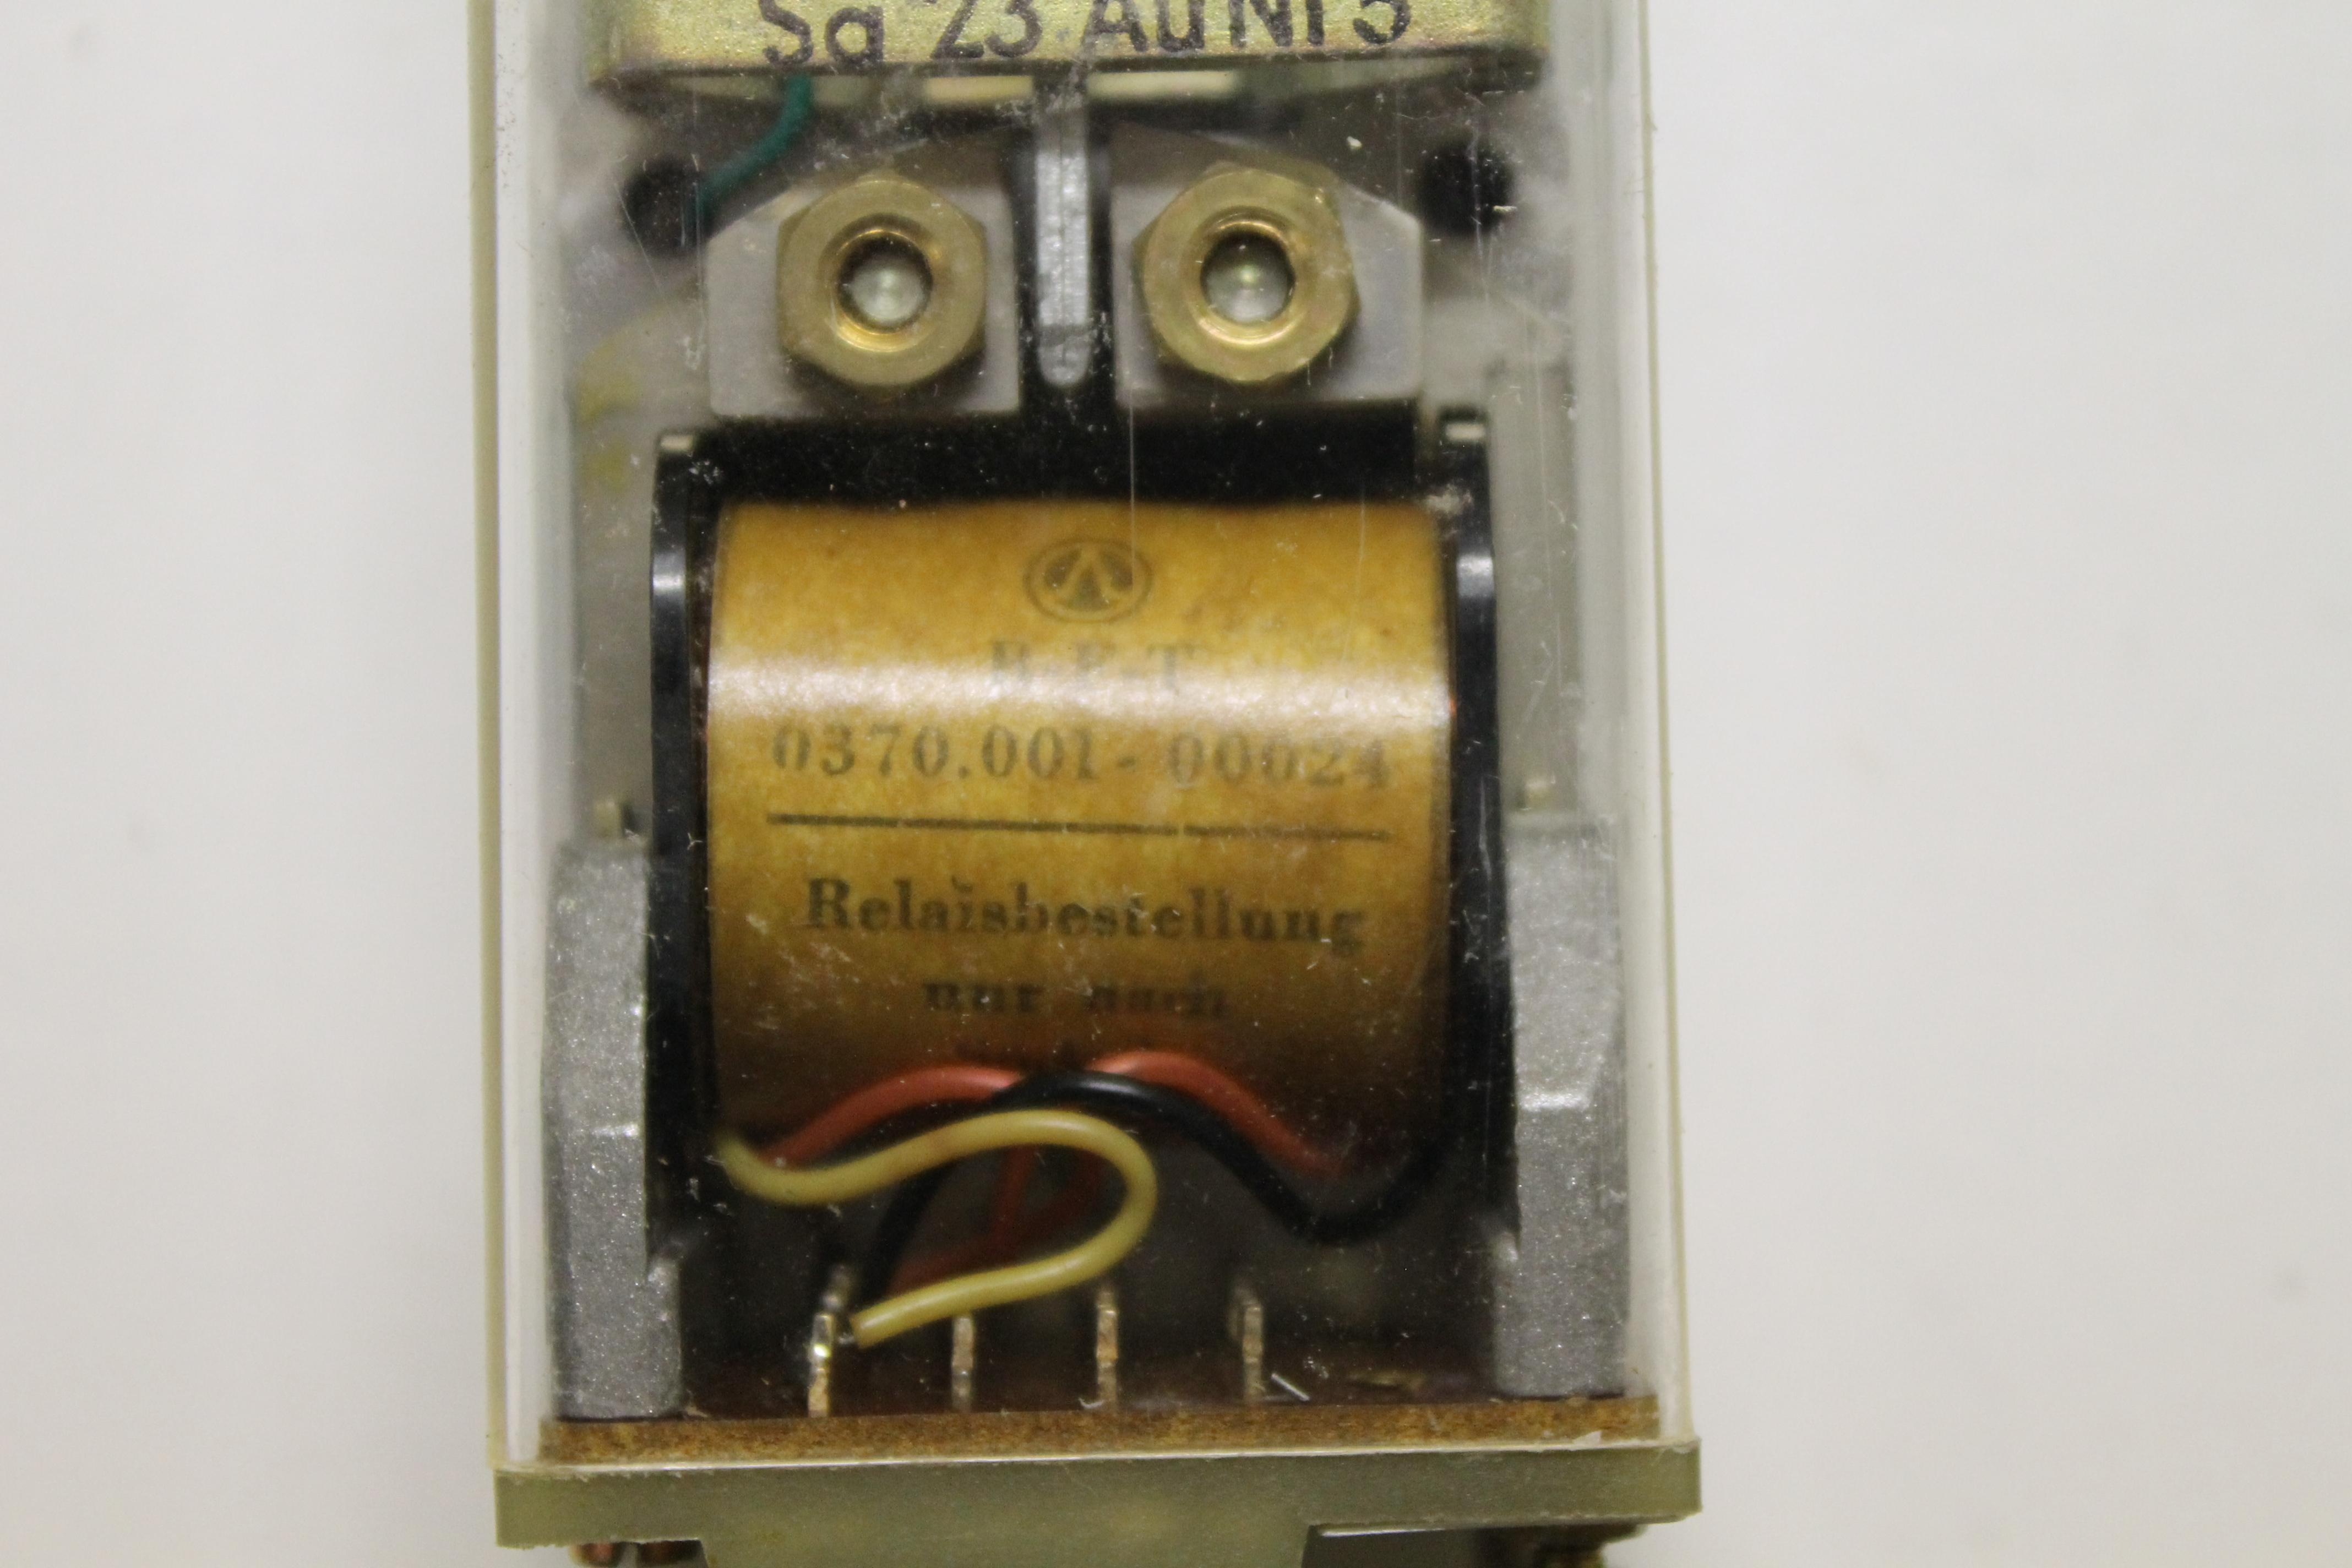 DDR RFT Relais 0370.001-00024 Sa 23 AuNi 5